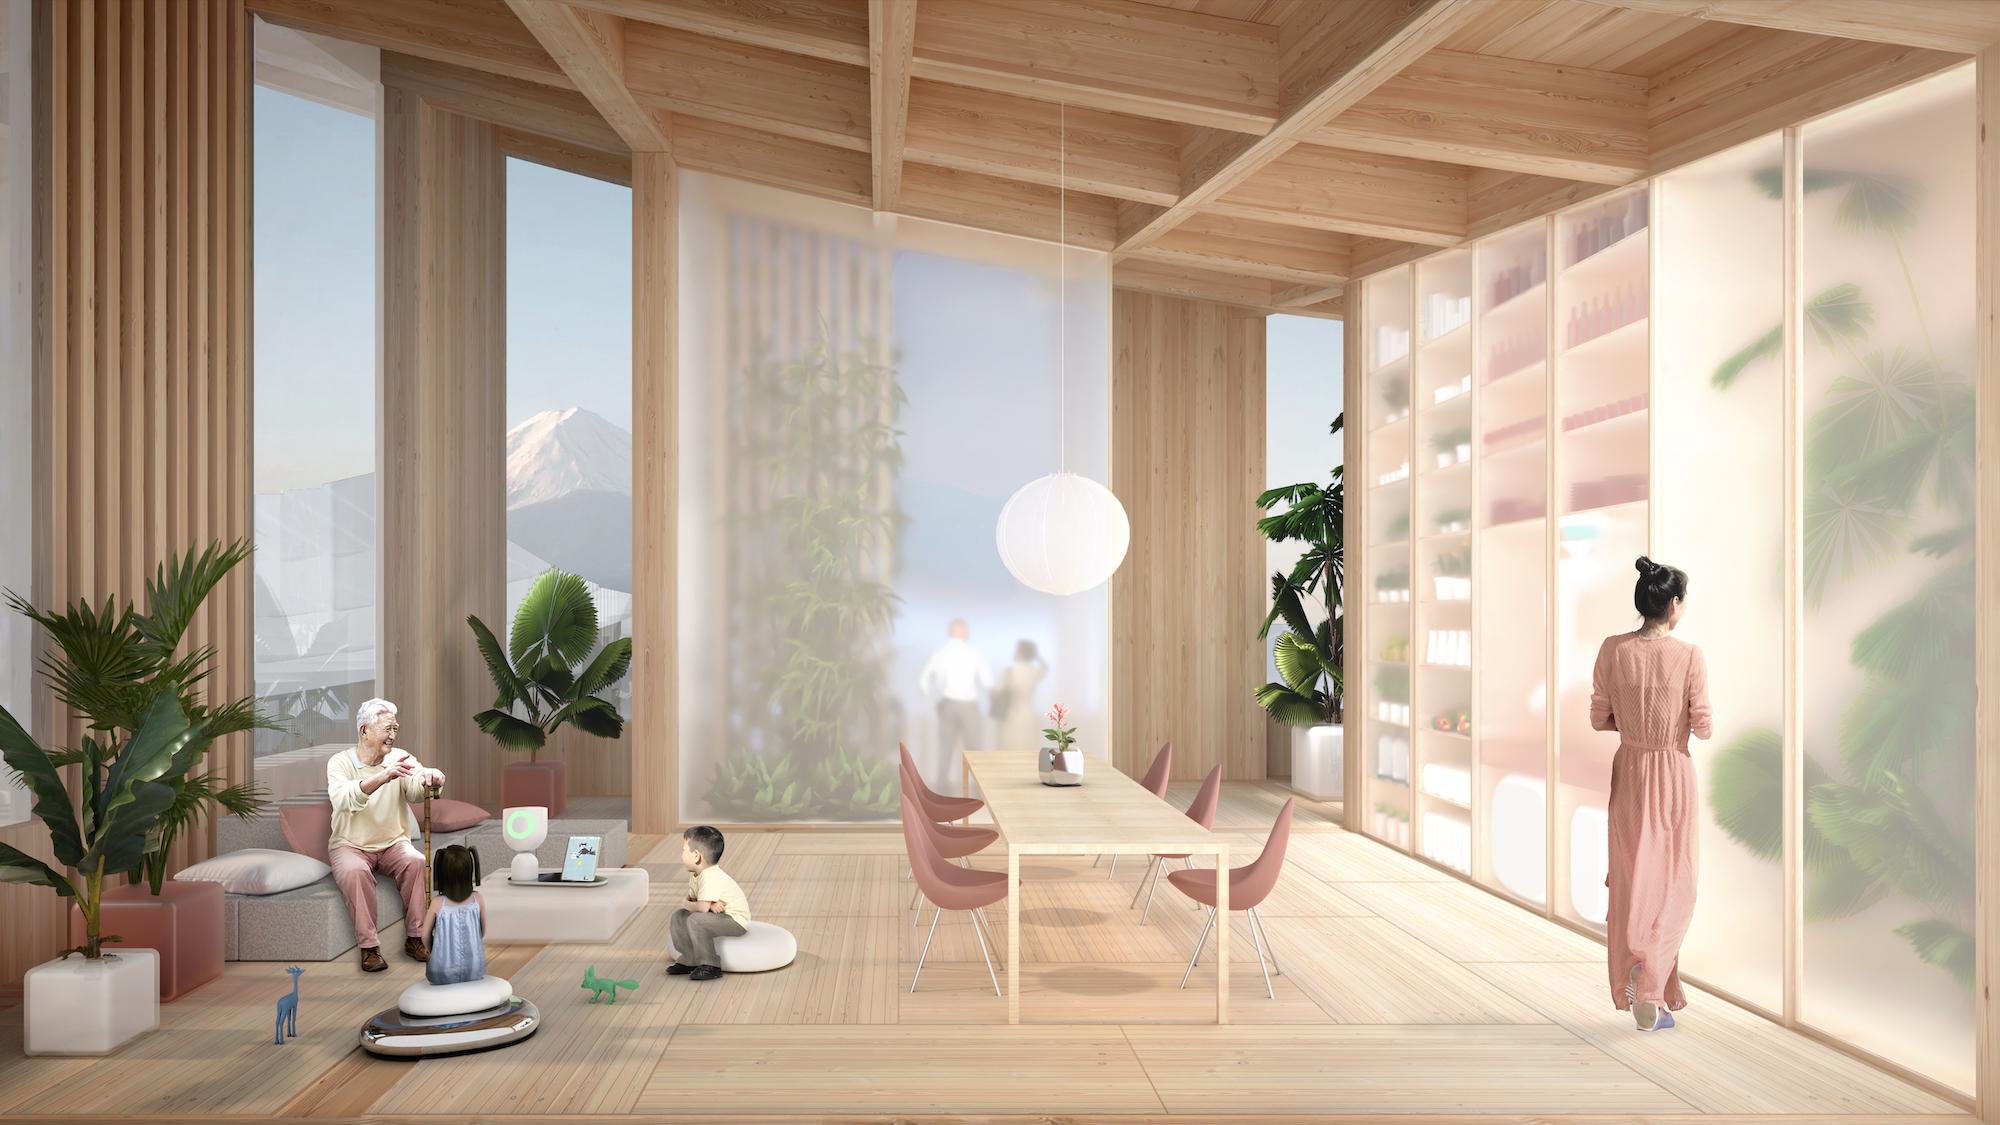 Uppdraget att rita staden med smarta hem har gått till den danska arkitekten Bjarke Igels. Bild Toyota.